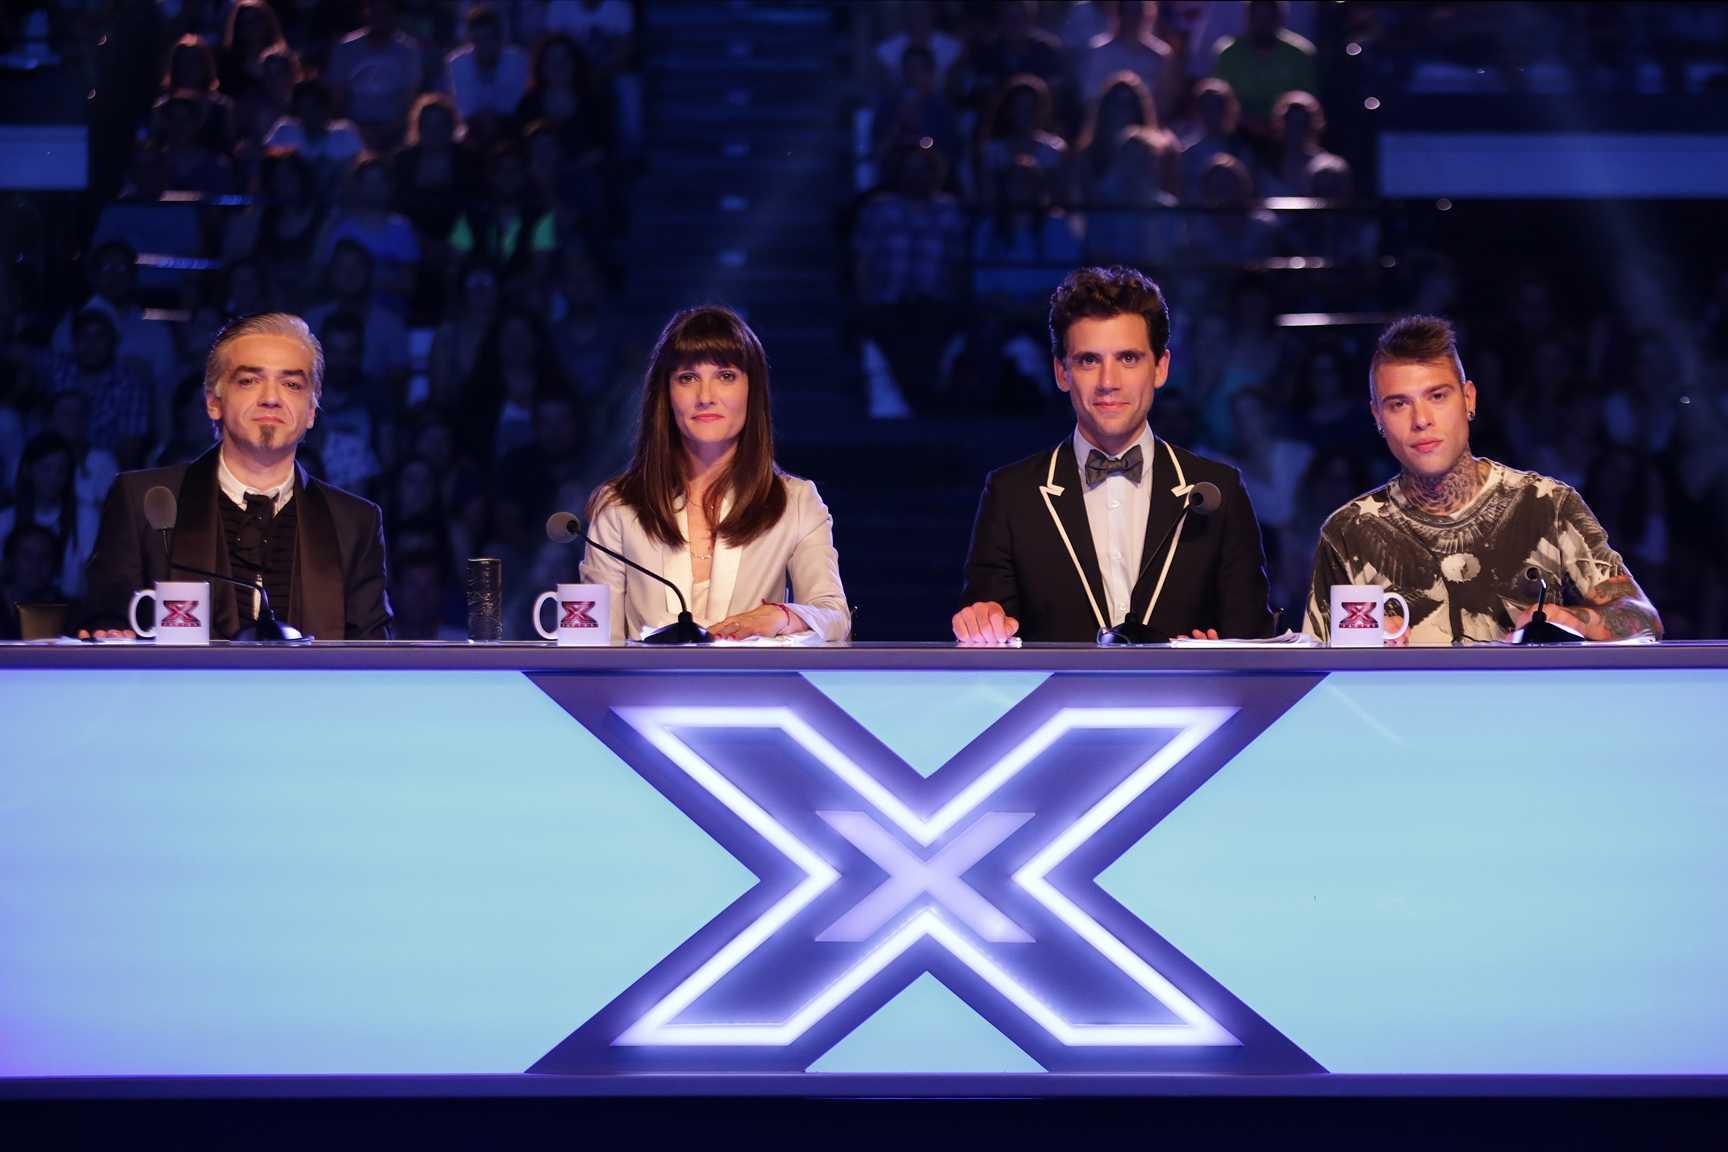 Al via X Factor - Le selezioni 2014 con la nuova giuria su Sky Uno | Digitale terrestre: Dtti.it